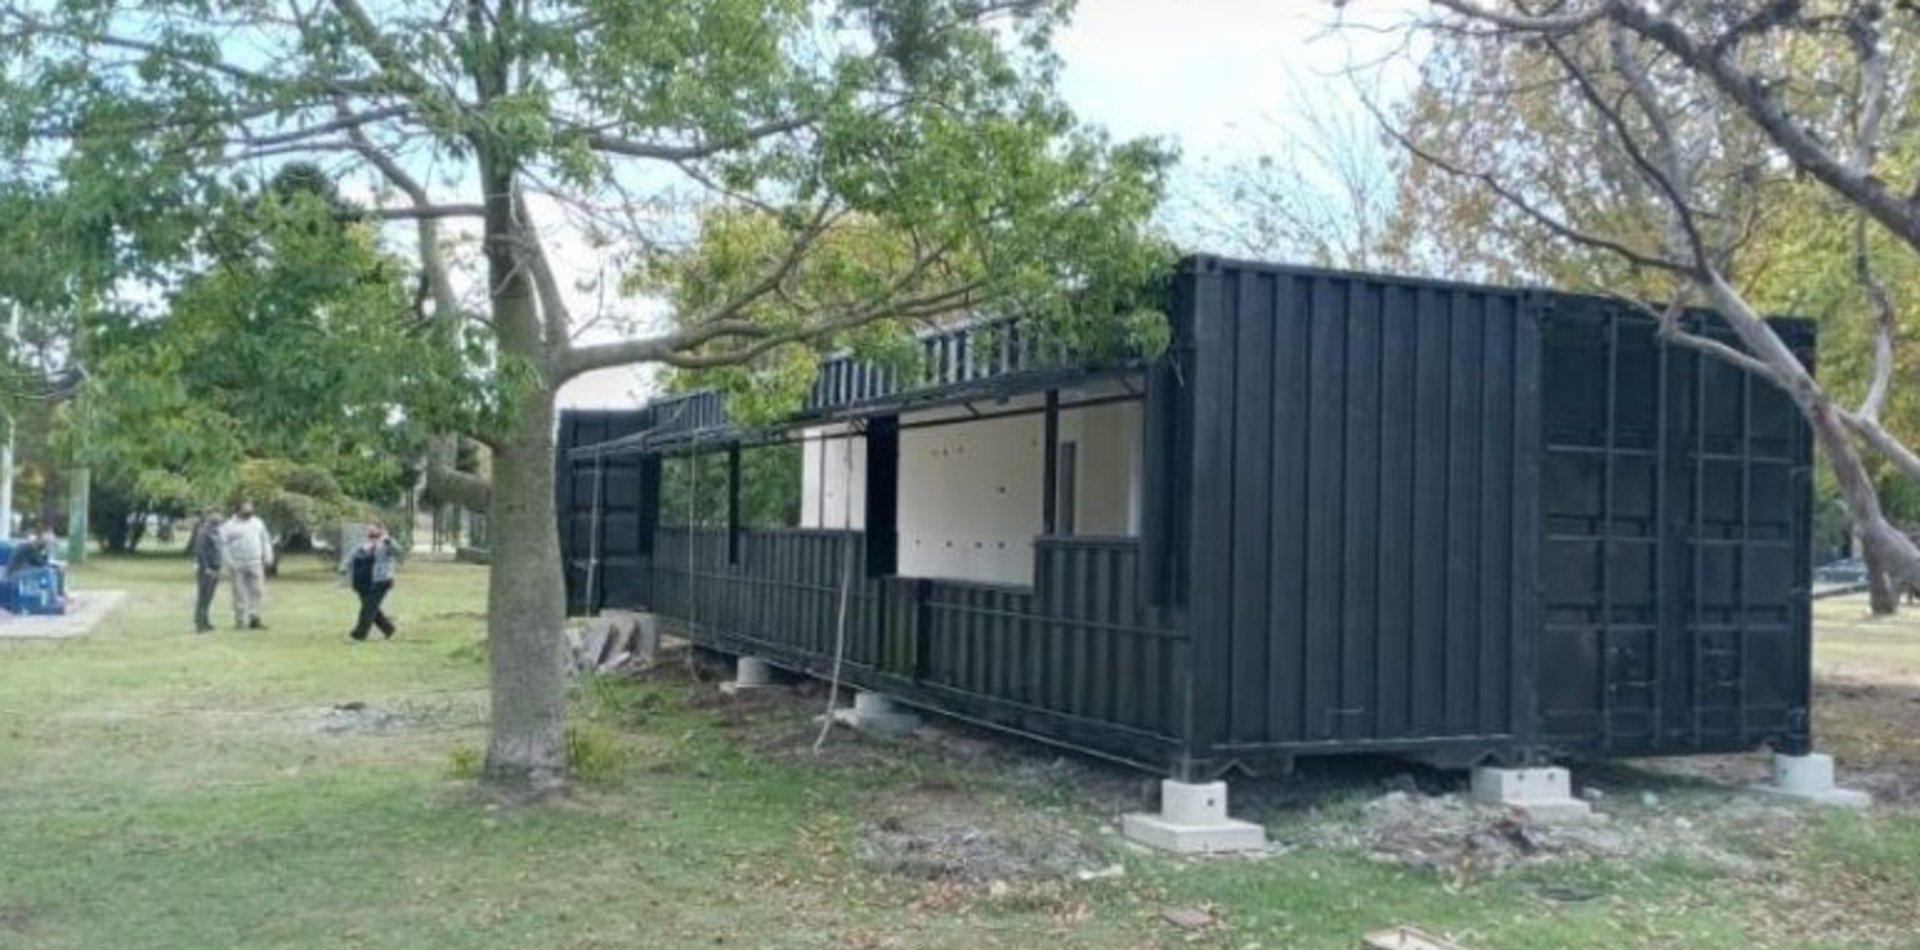 Suspenden la instalación de un patio de comidas en el Parque Cívico de Berisso